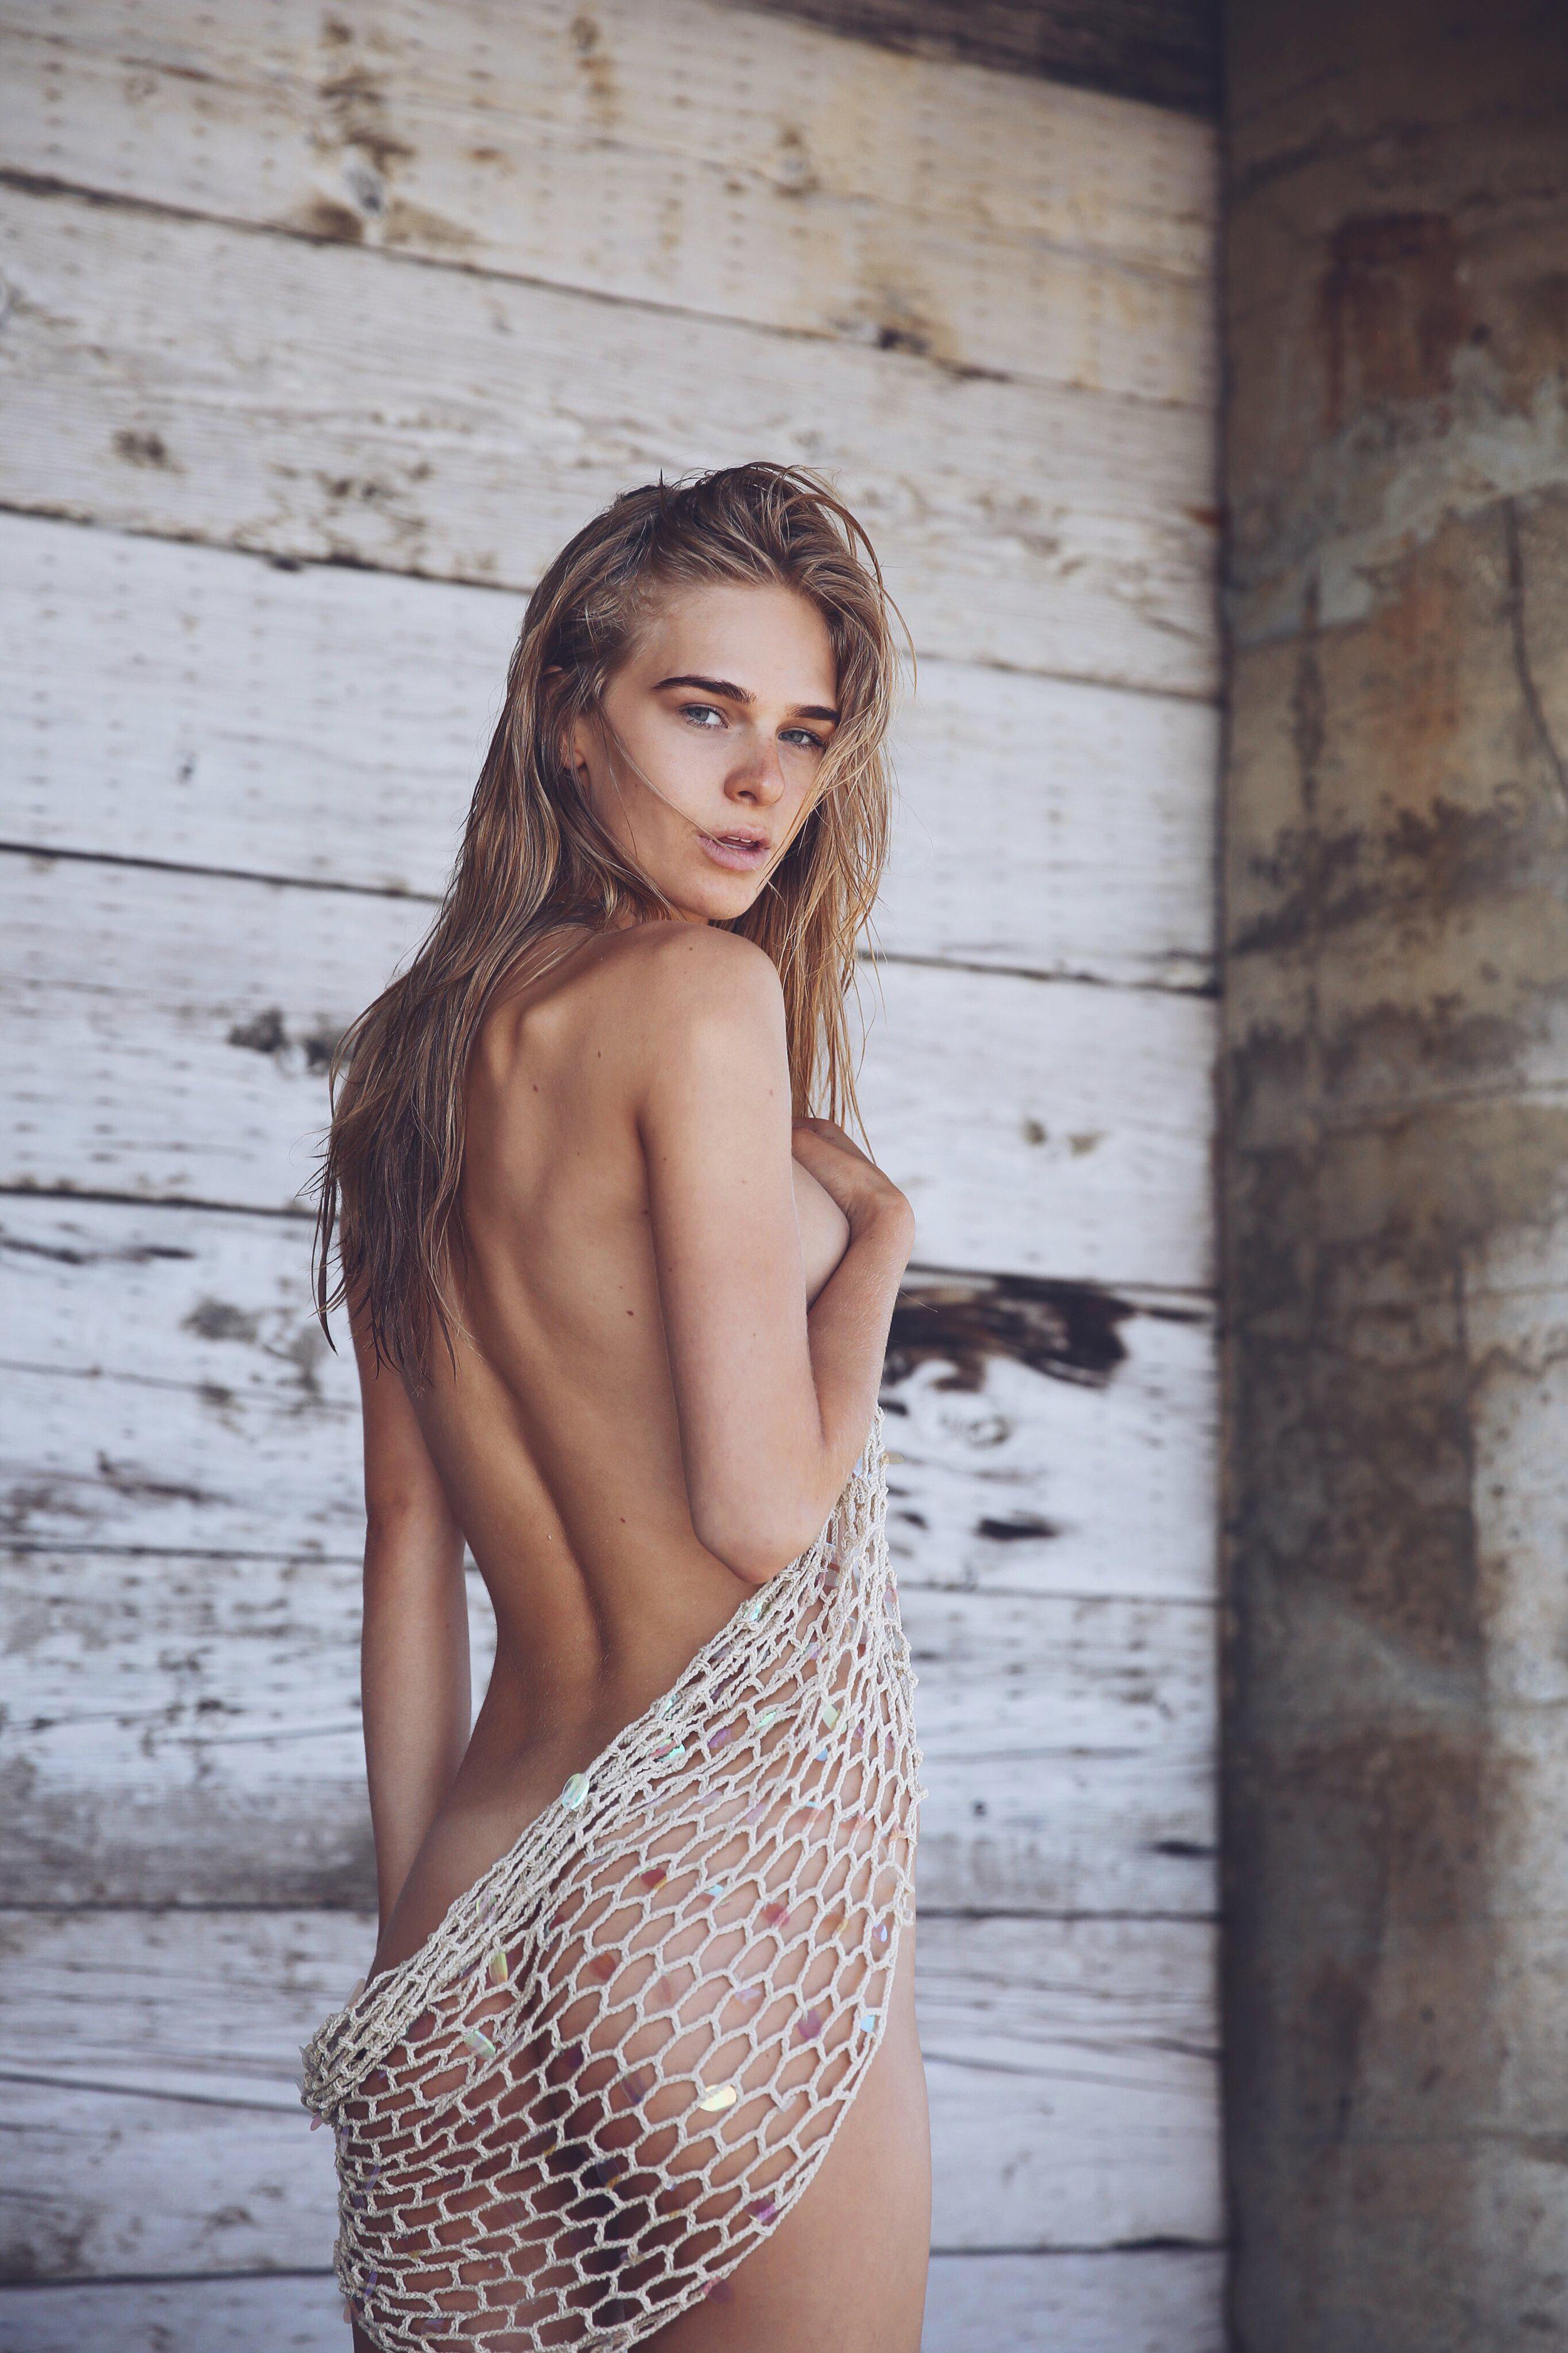 kj-skorge-erotic-model-photoshoot-by-torrey-west-01